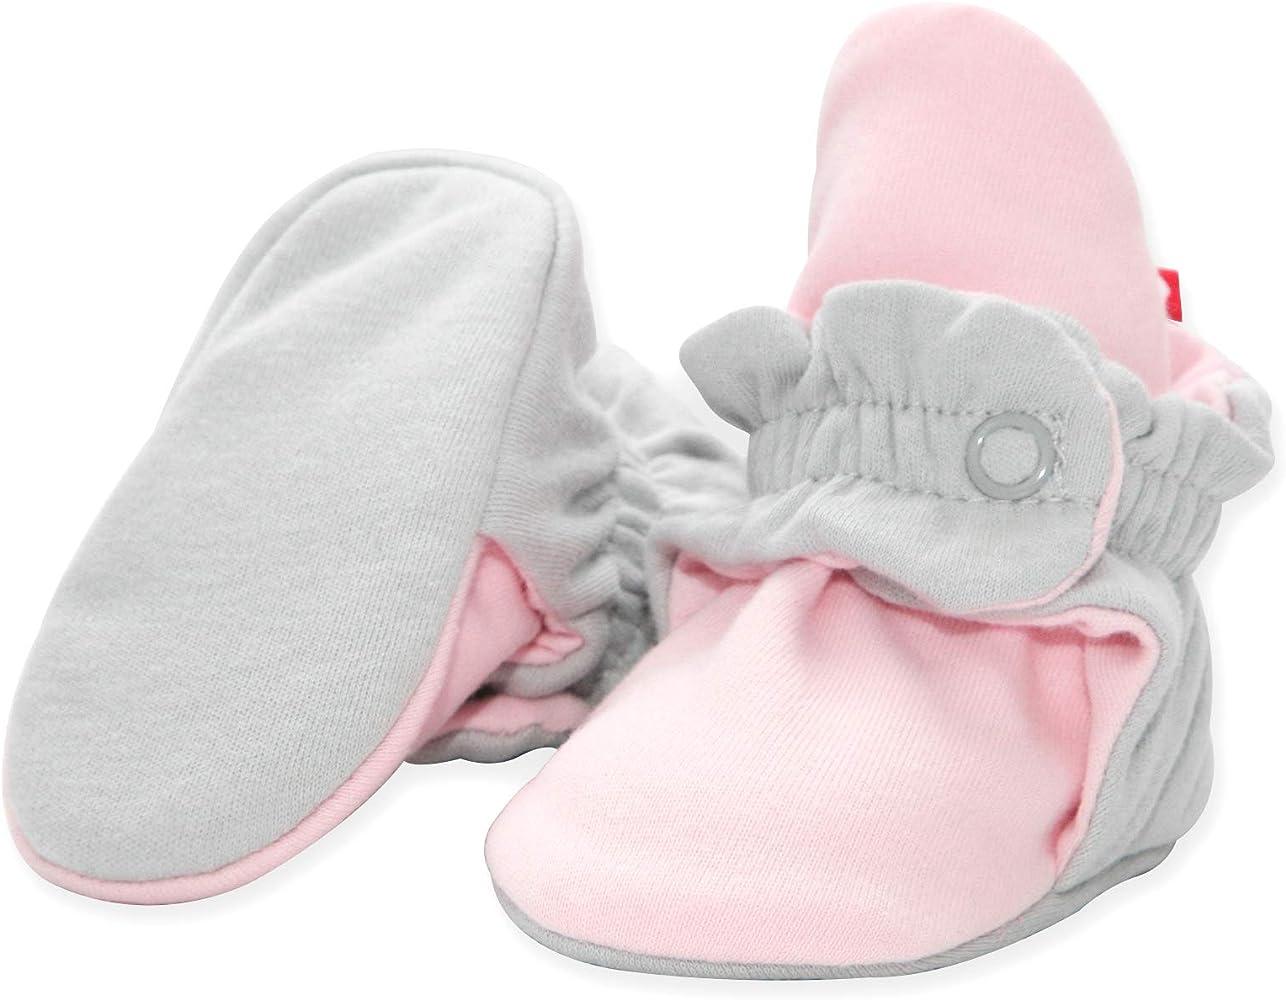 Amazon.com: Zutano Organic Cotton Baby